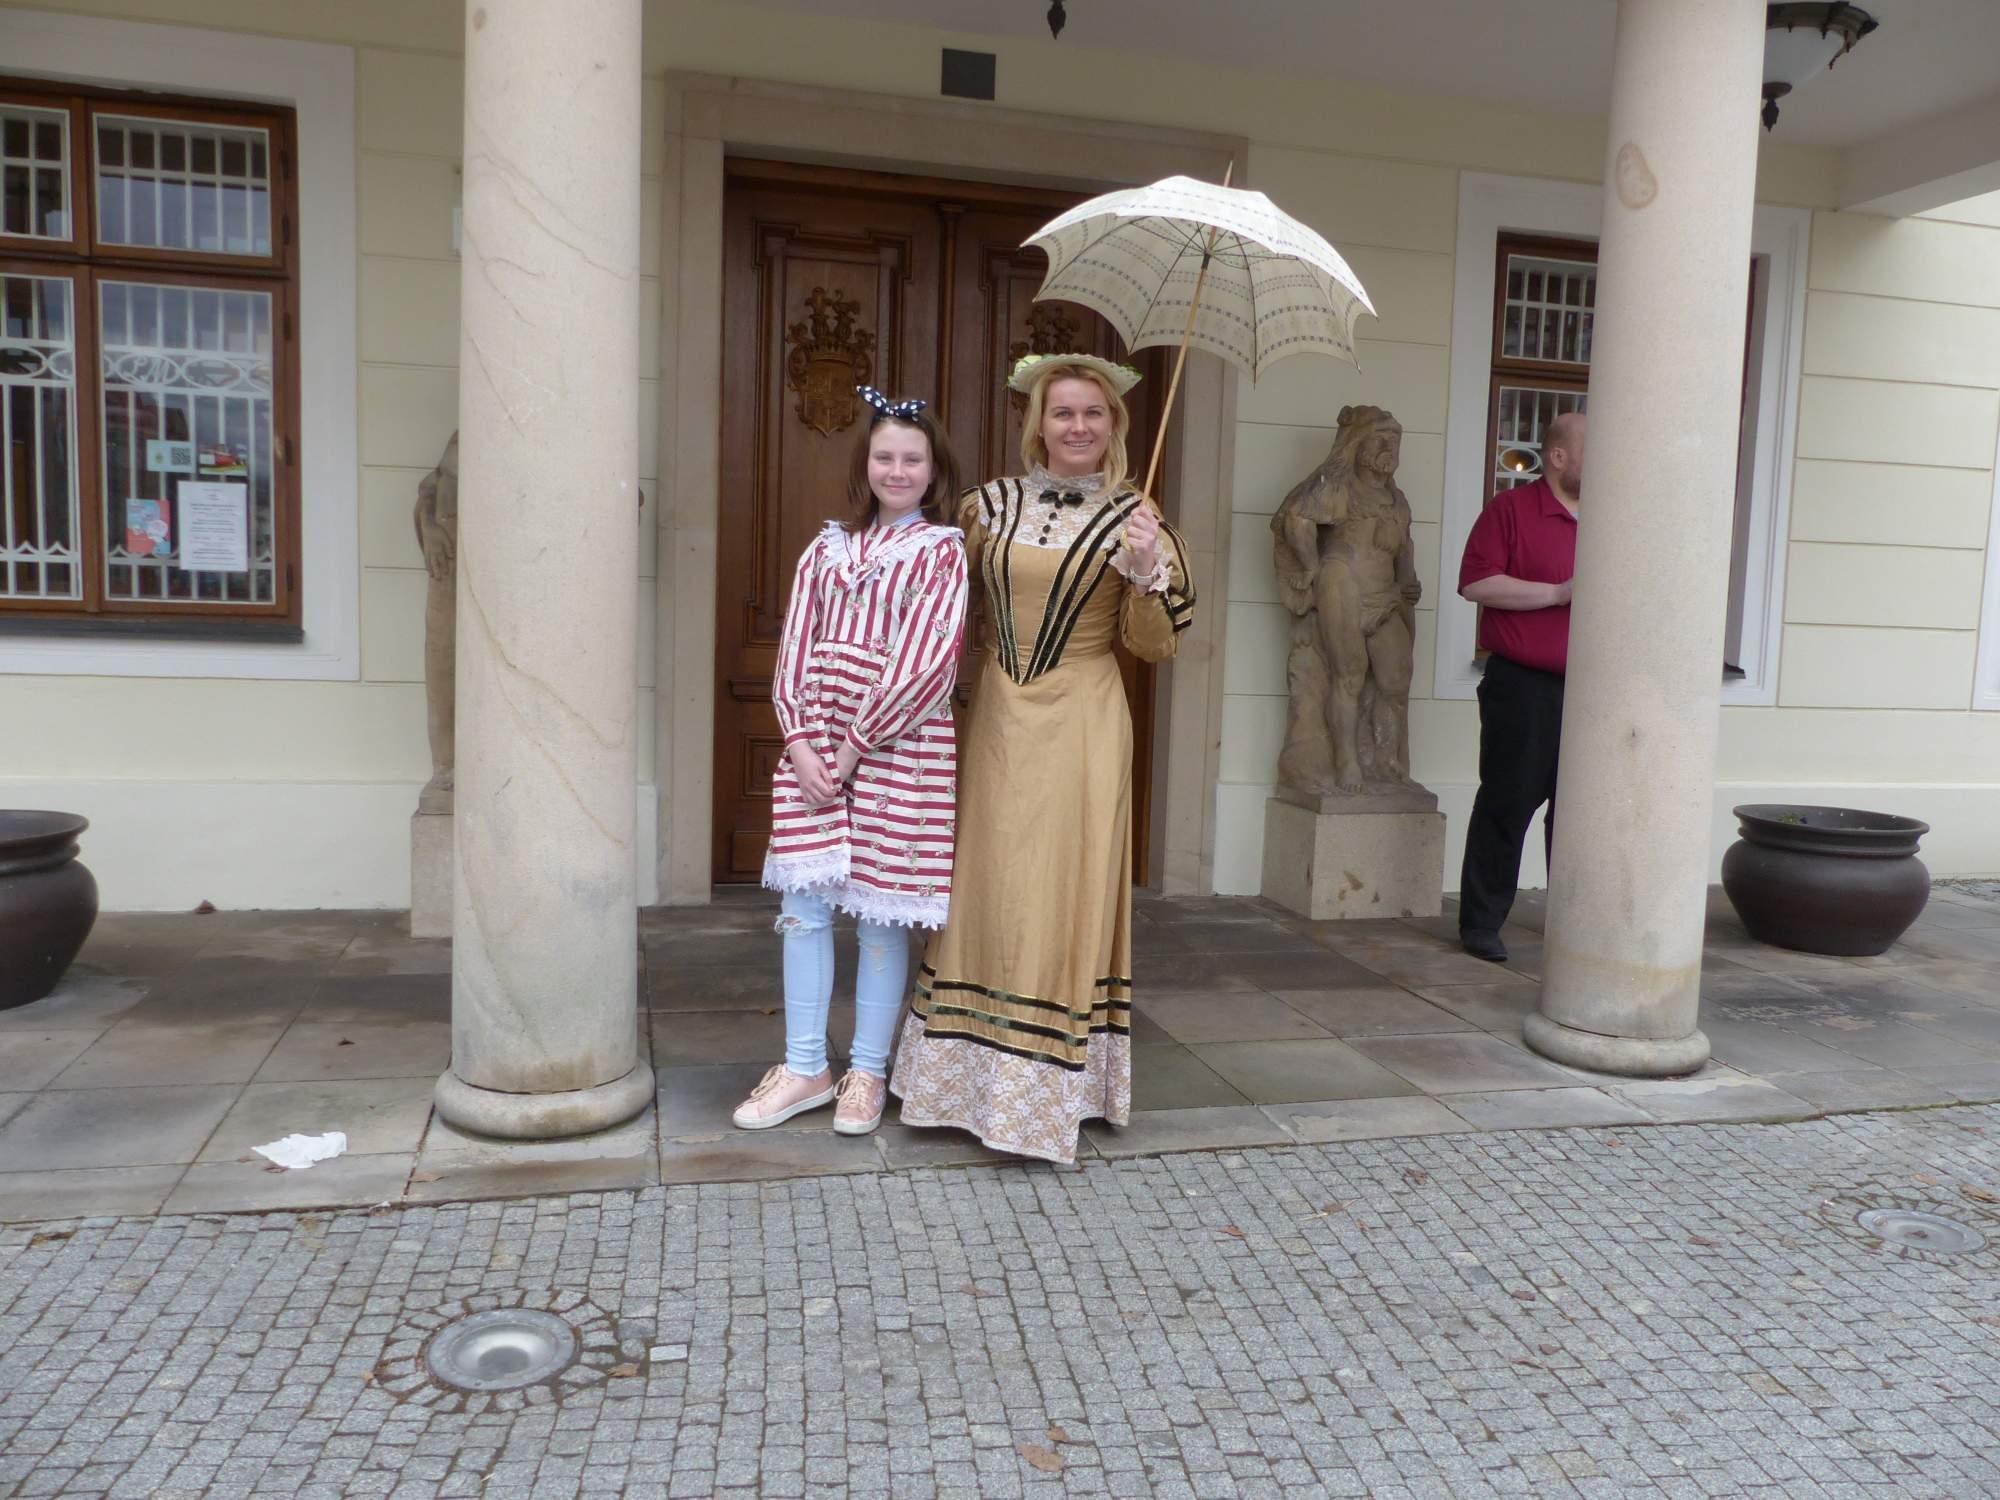 Návštěvníci si zkoušeli dobové kostýmy, foto: Natálie Kuzmová